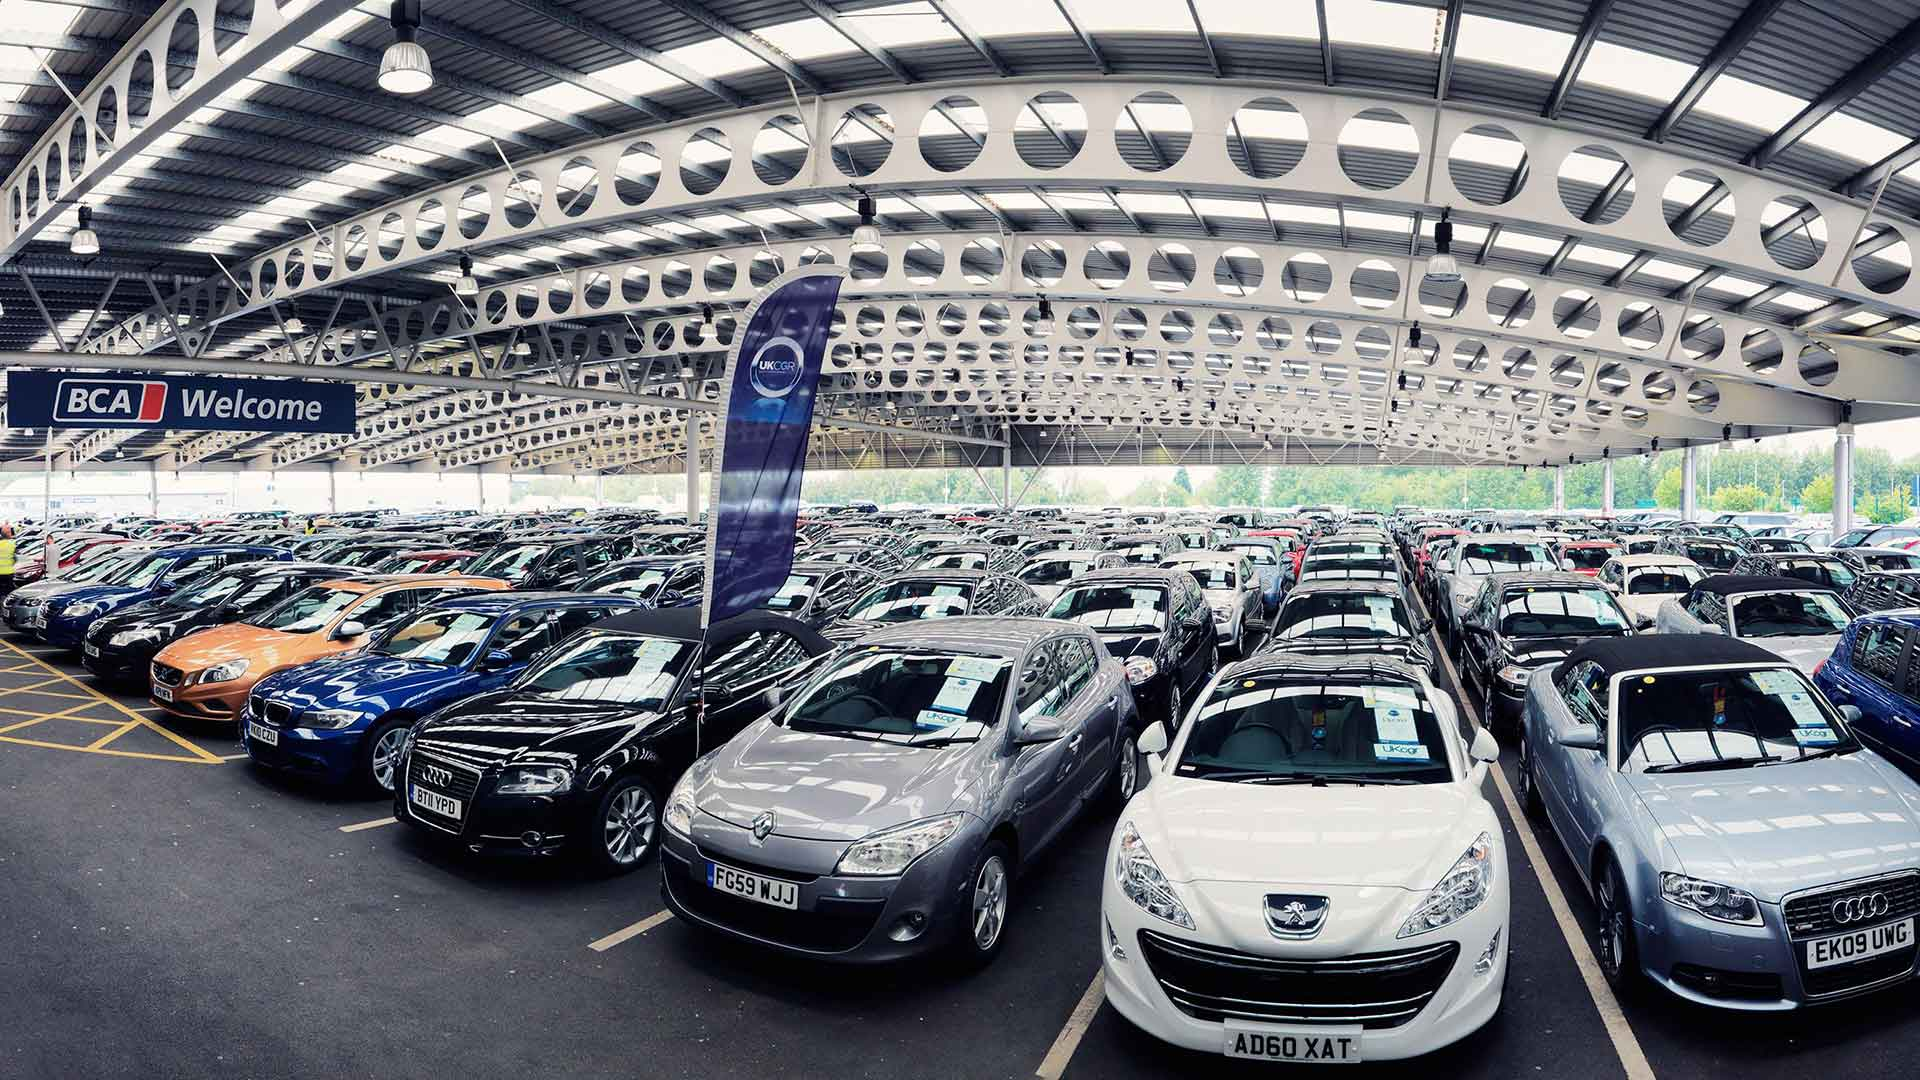 Продажа автомобилей в южной корее encar. авторынок и авто сайты южной кореи autowini » another life